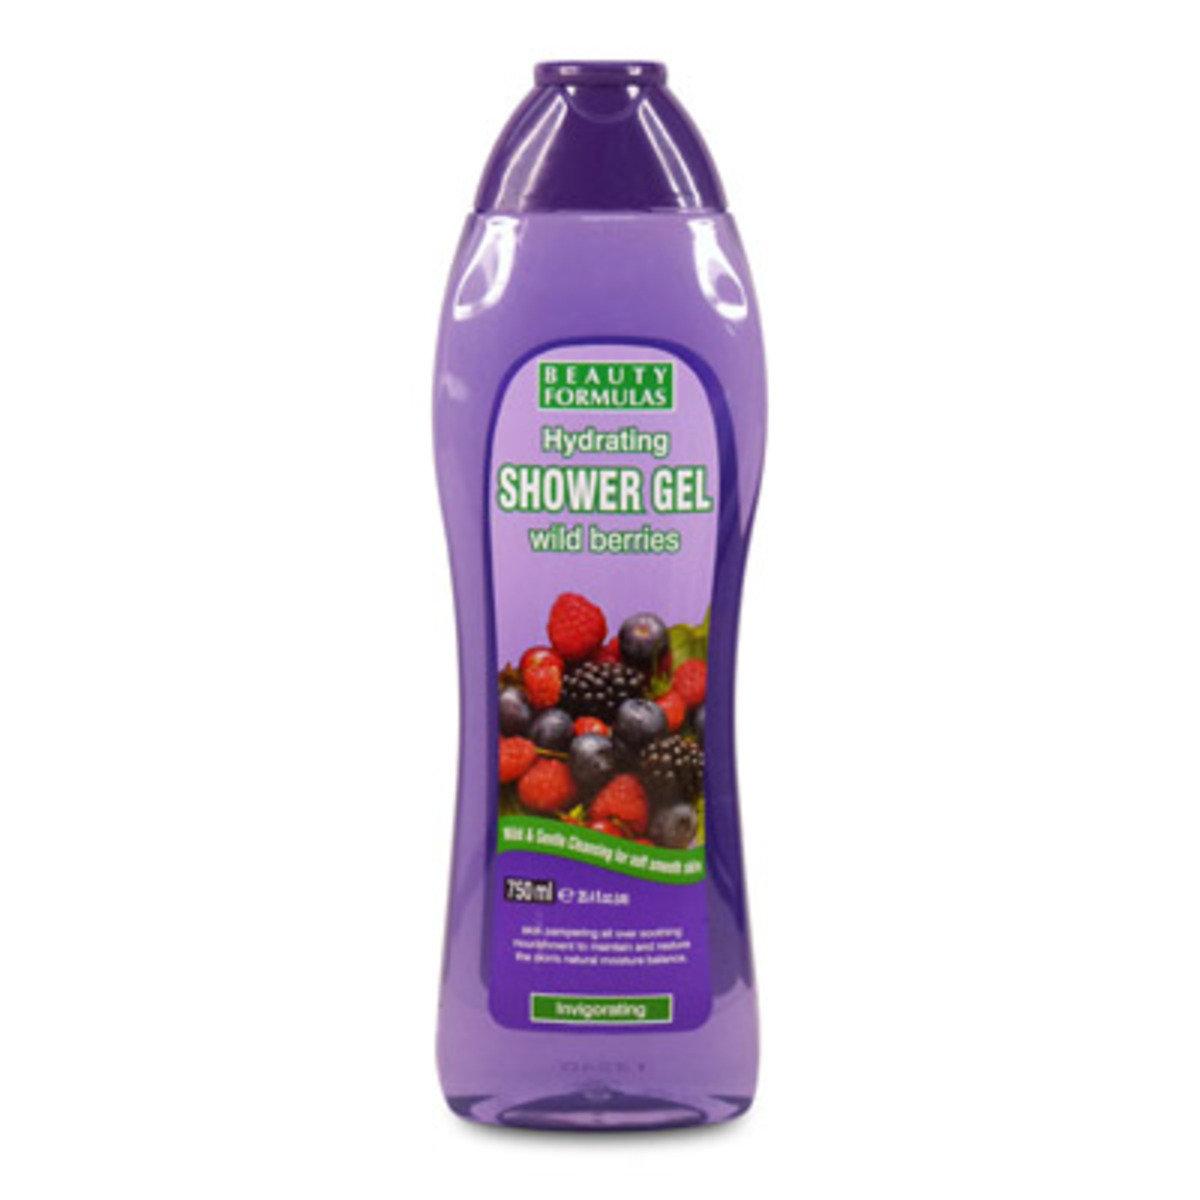 野莓保濕沐浴露